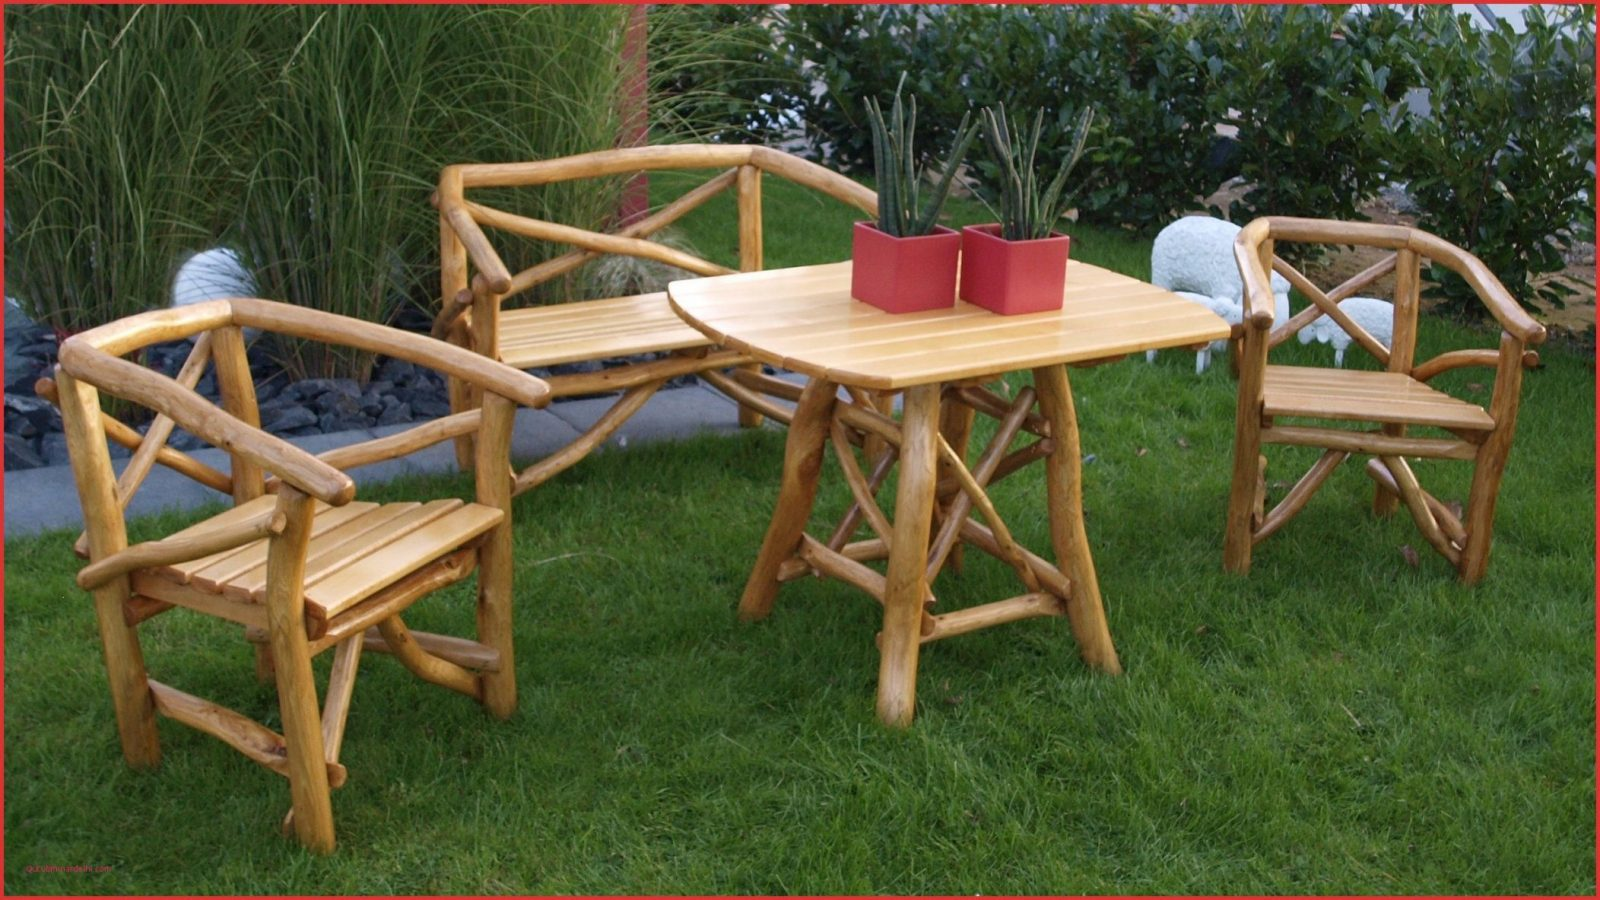 Rustikale Gartenmöbel Aus Polen Frisch Nett Gartenmöbel Rustikal von Rustikale Holz Gartenmöbel Aus Polen Photo